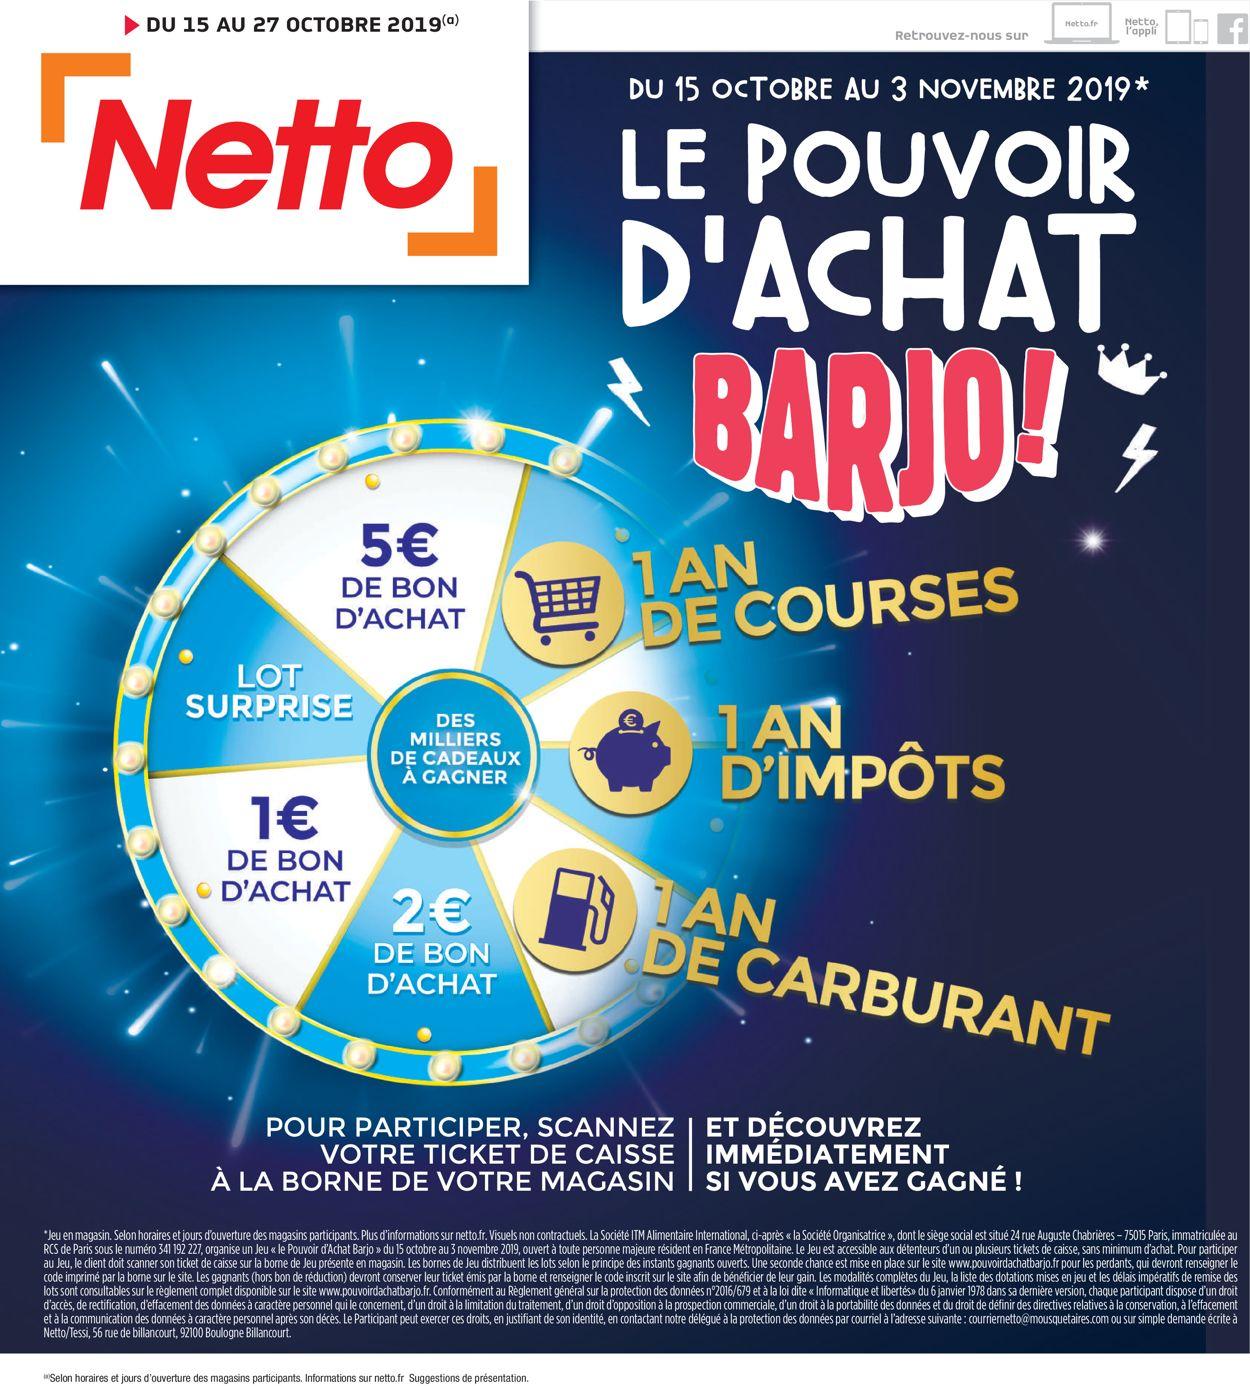 Netto Catalogue - 15.10-27.10.2019